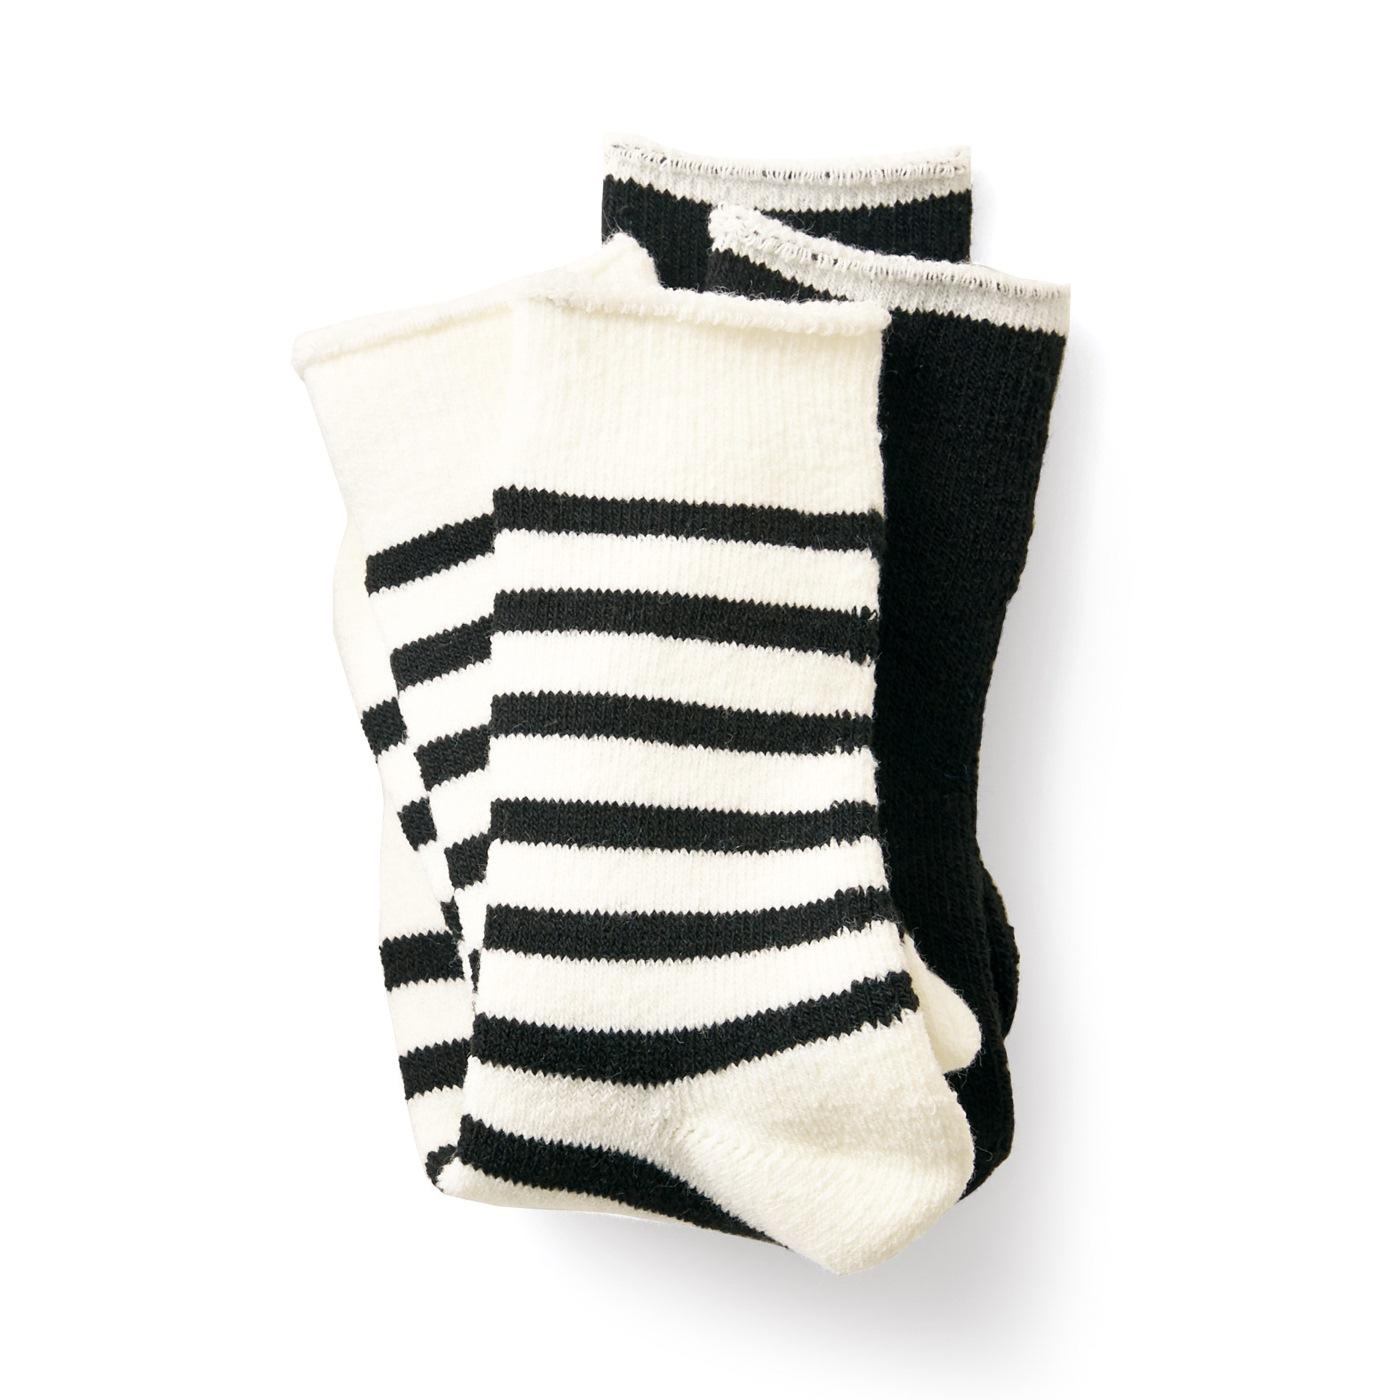 フェリシモ サニークラウズ ボーダーと無地のパイル靴下セット〈黒〉